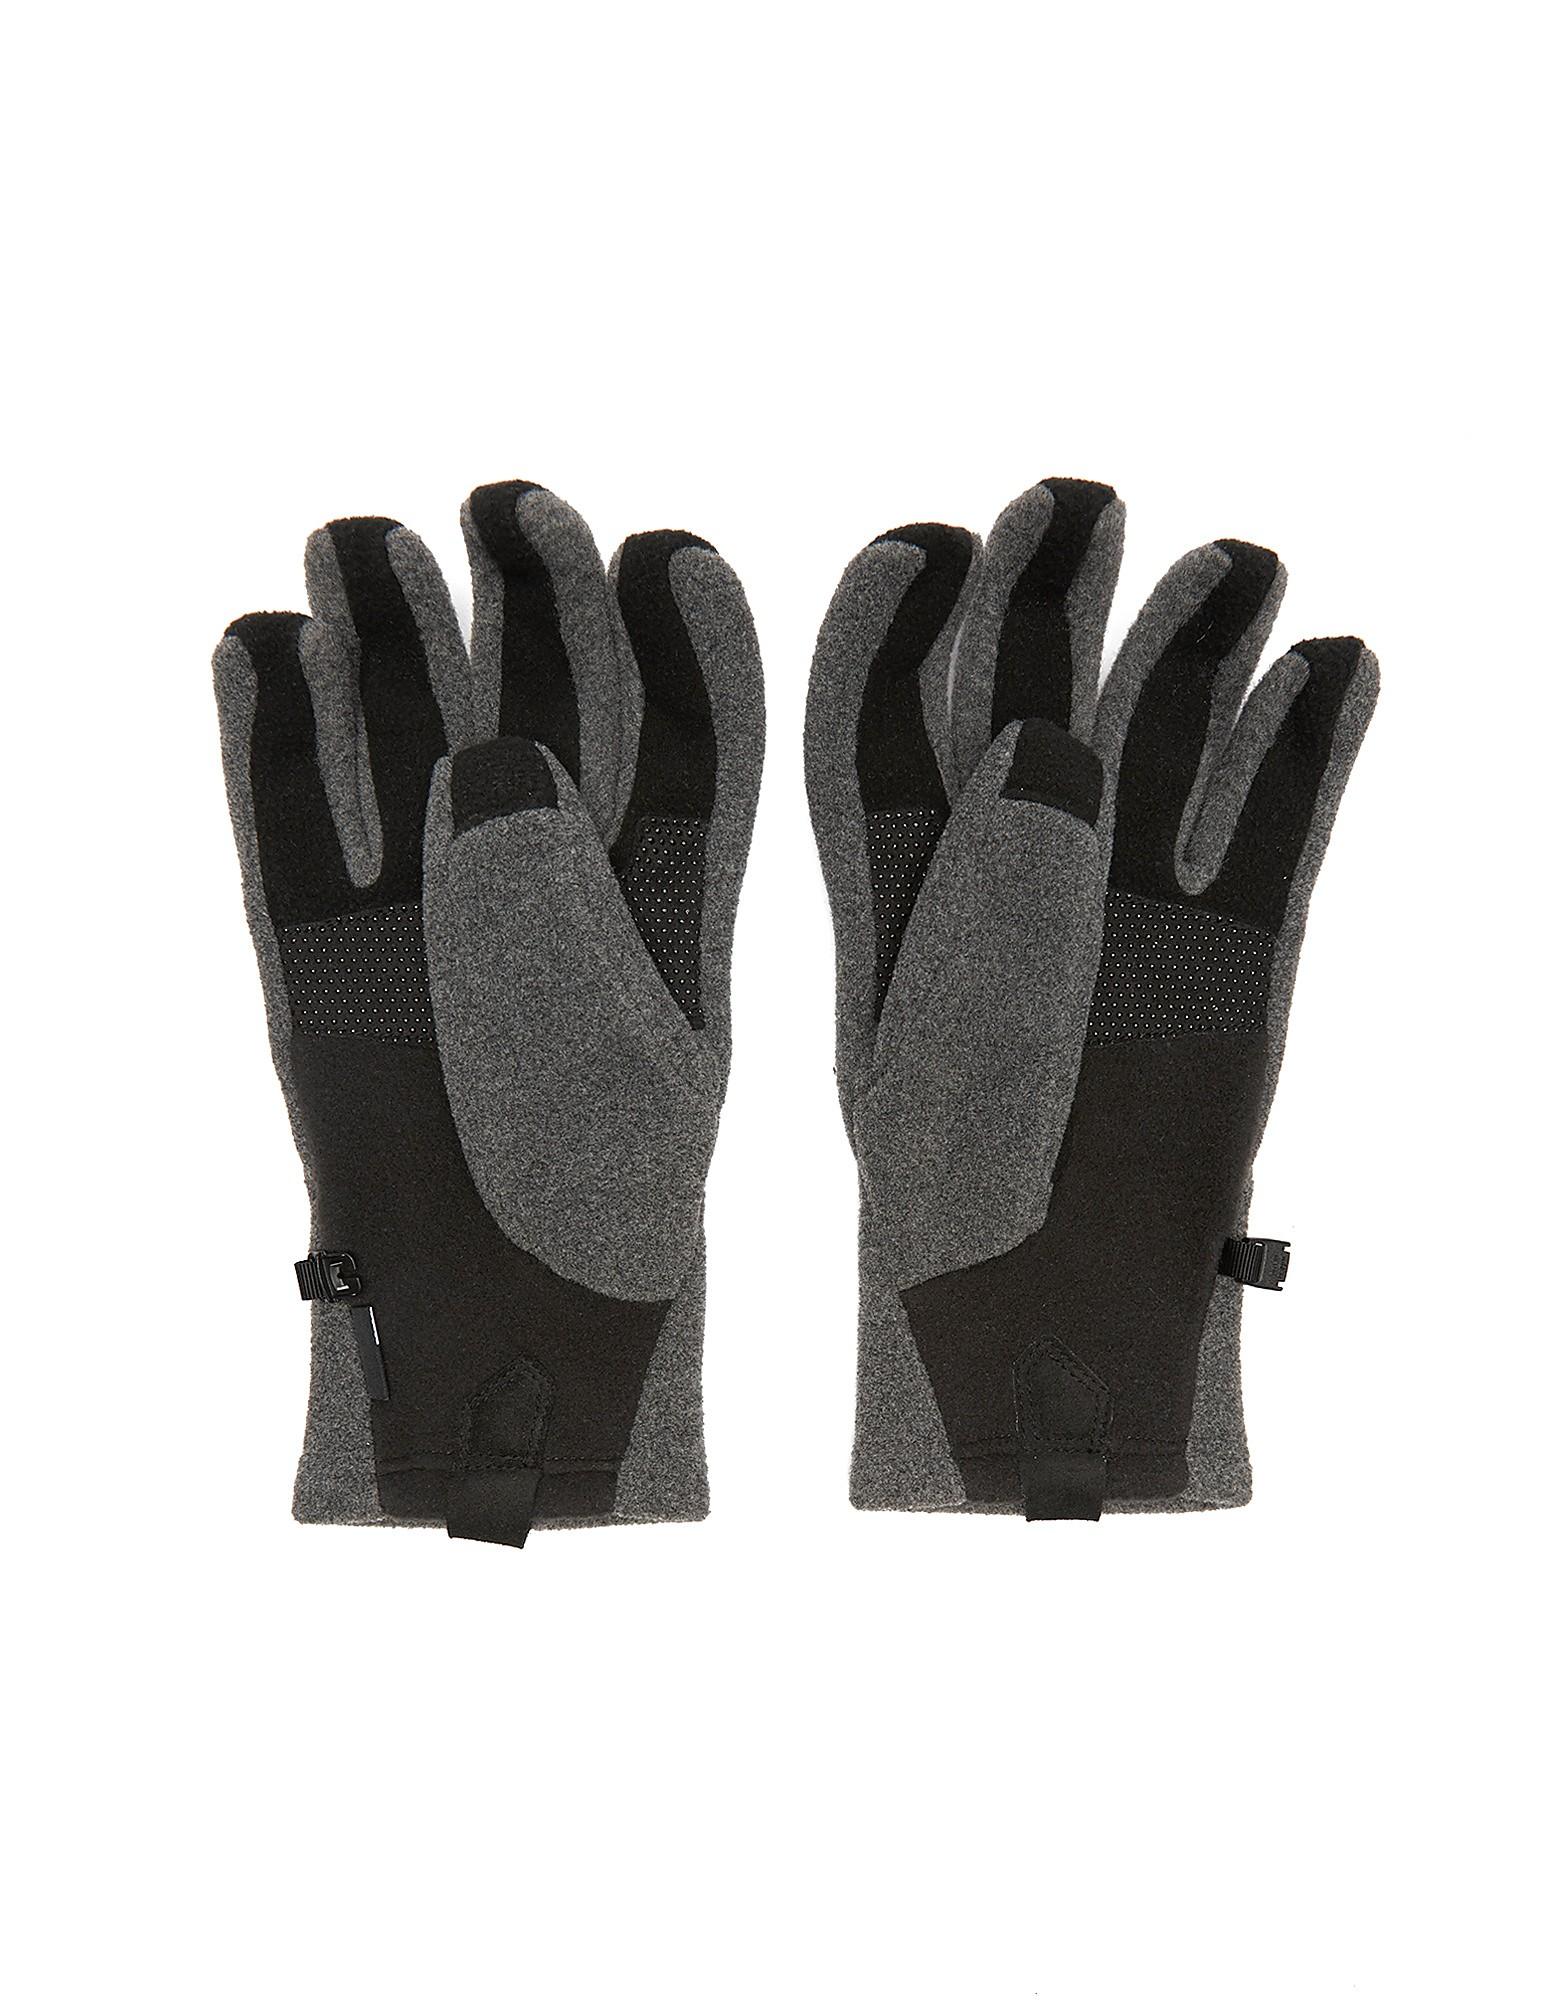 The North Face Denali Etip handsker